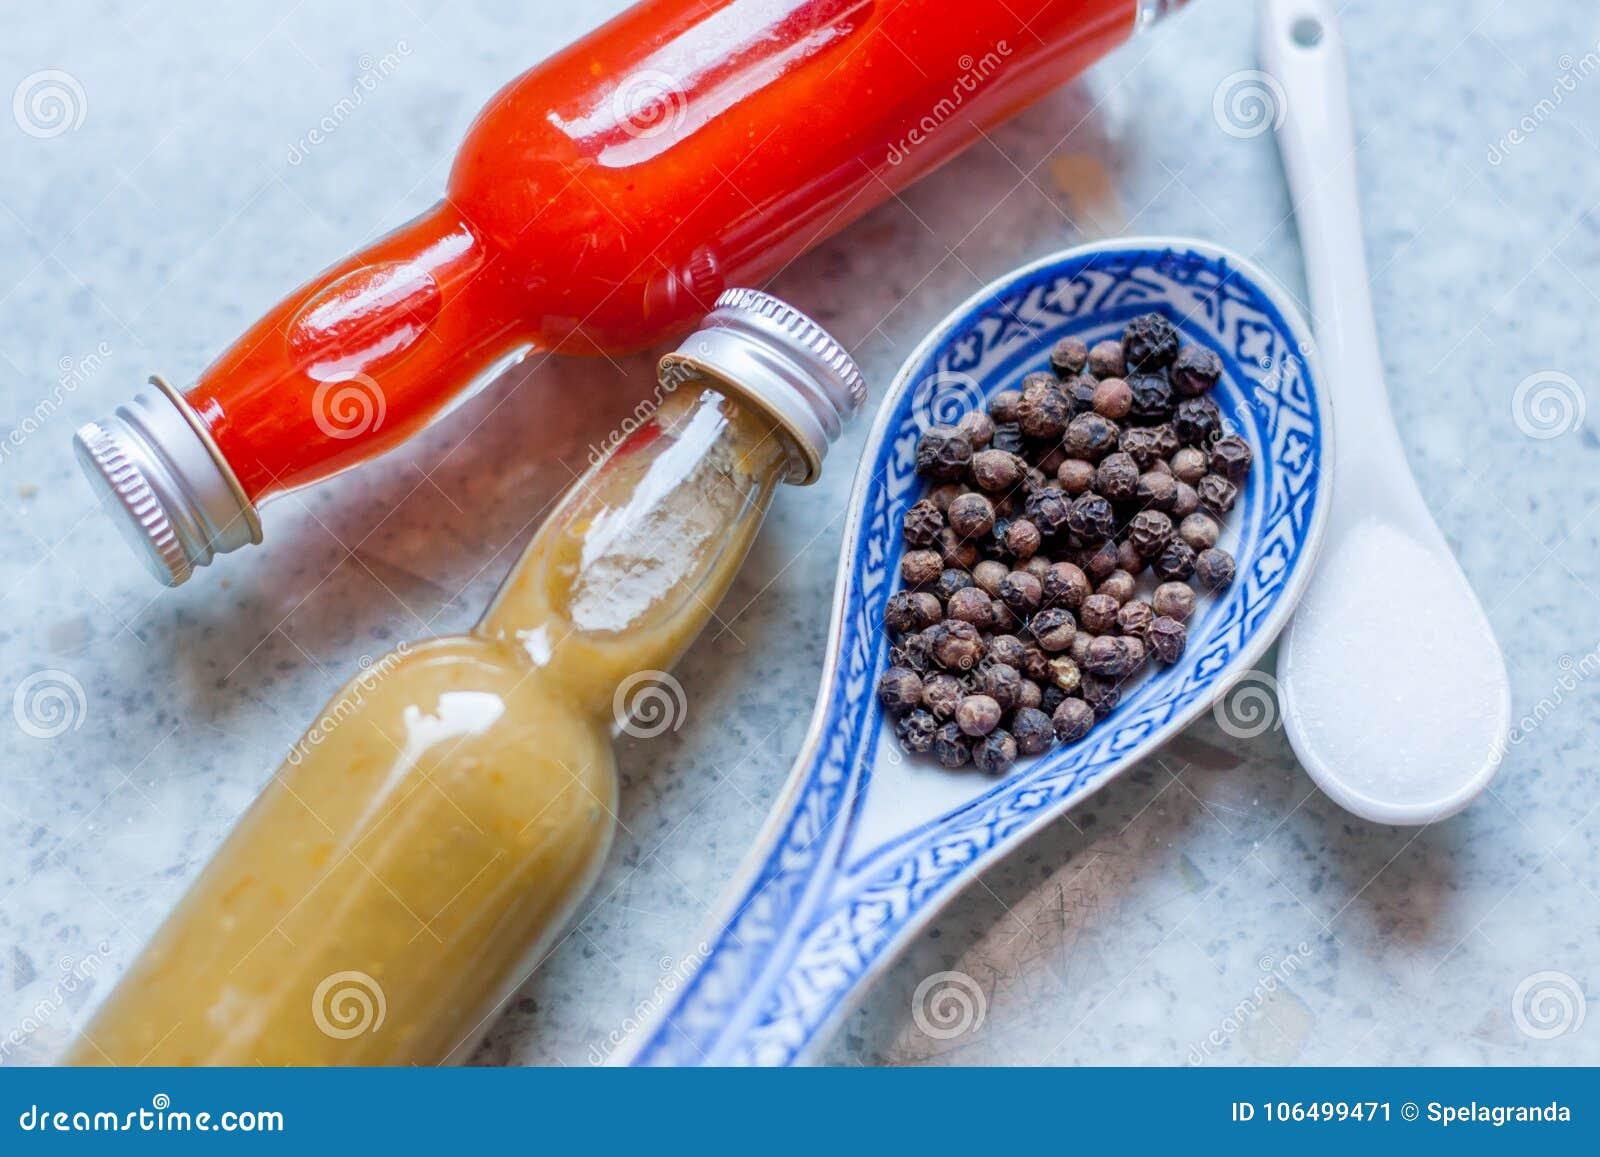 2 различных горячих соусы, соль и перца